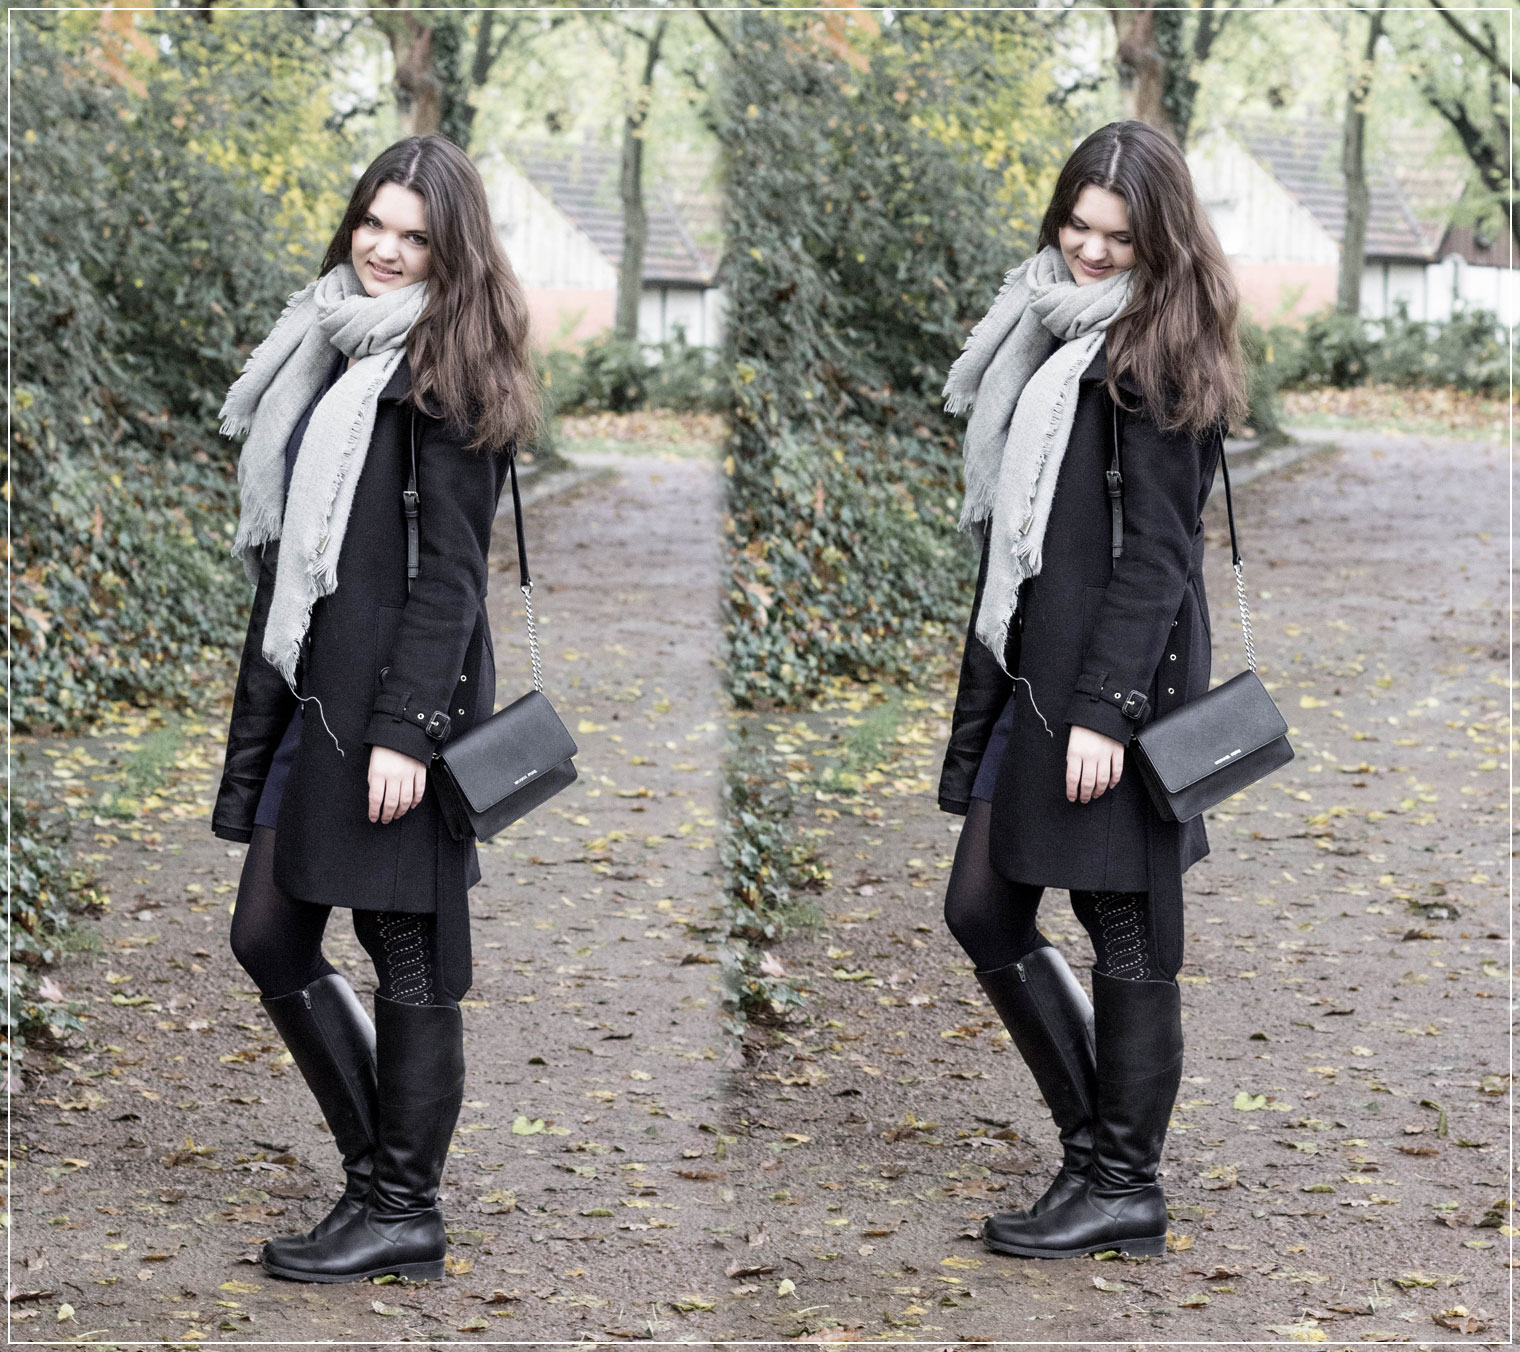 Datenight, Weihnachtsmarkt, Winteroutfit, Wollmantel, Winterstyle, Oversized Schal, Modeblog, Ruhrgebiet, Modebloggerin, Fashionblog, Modeblog